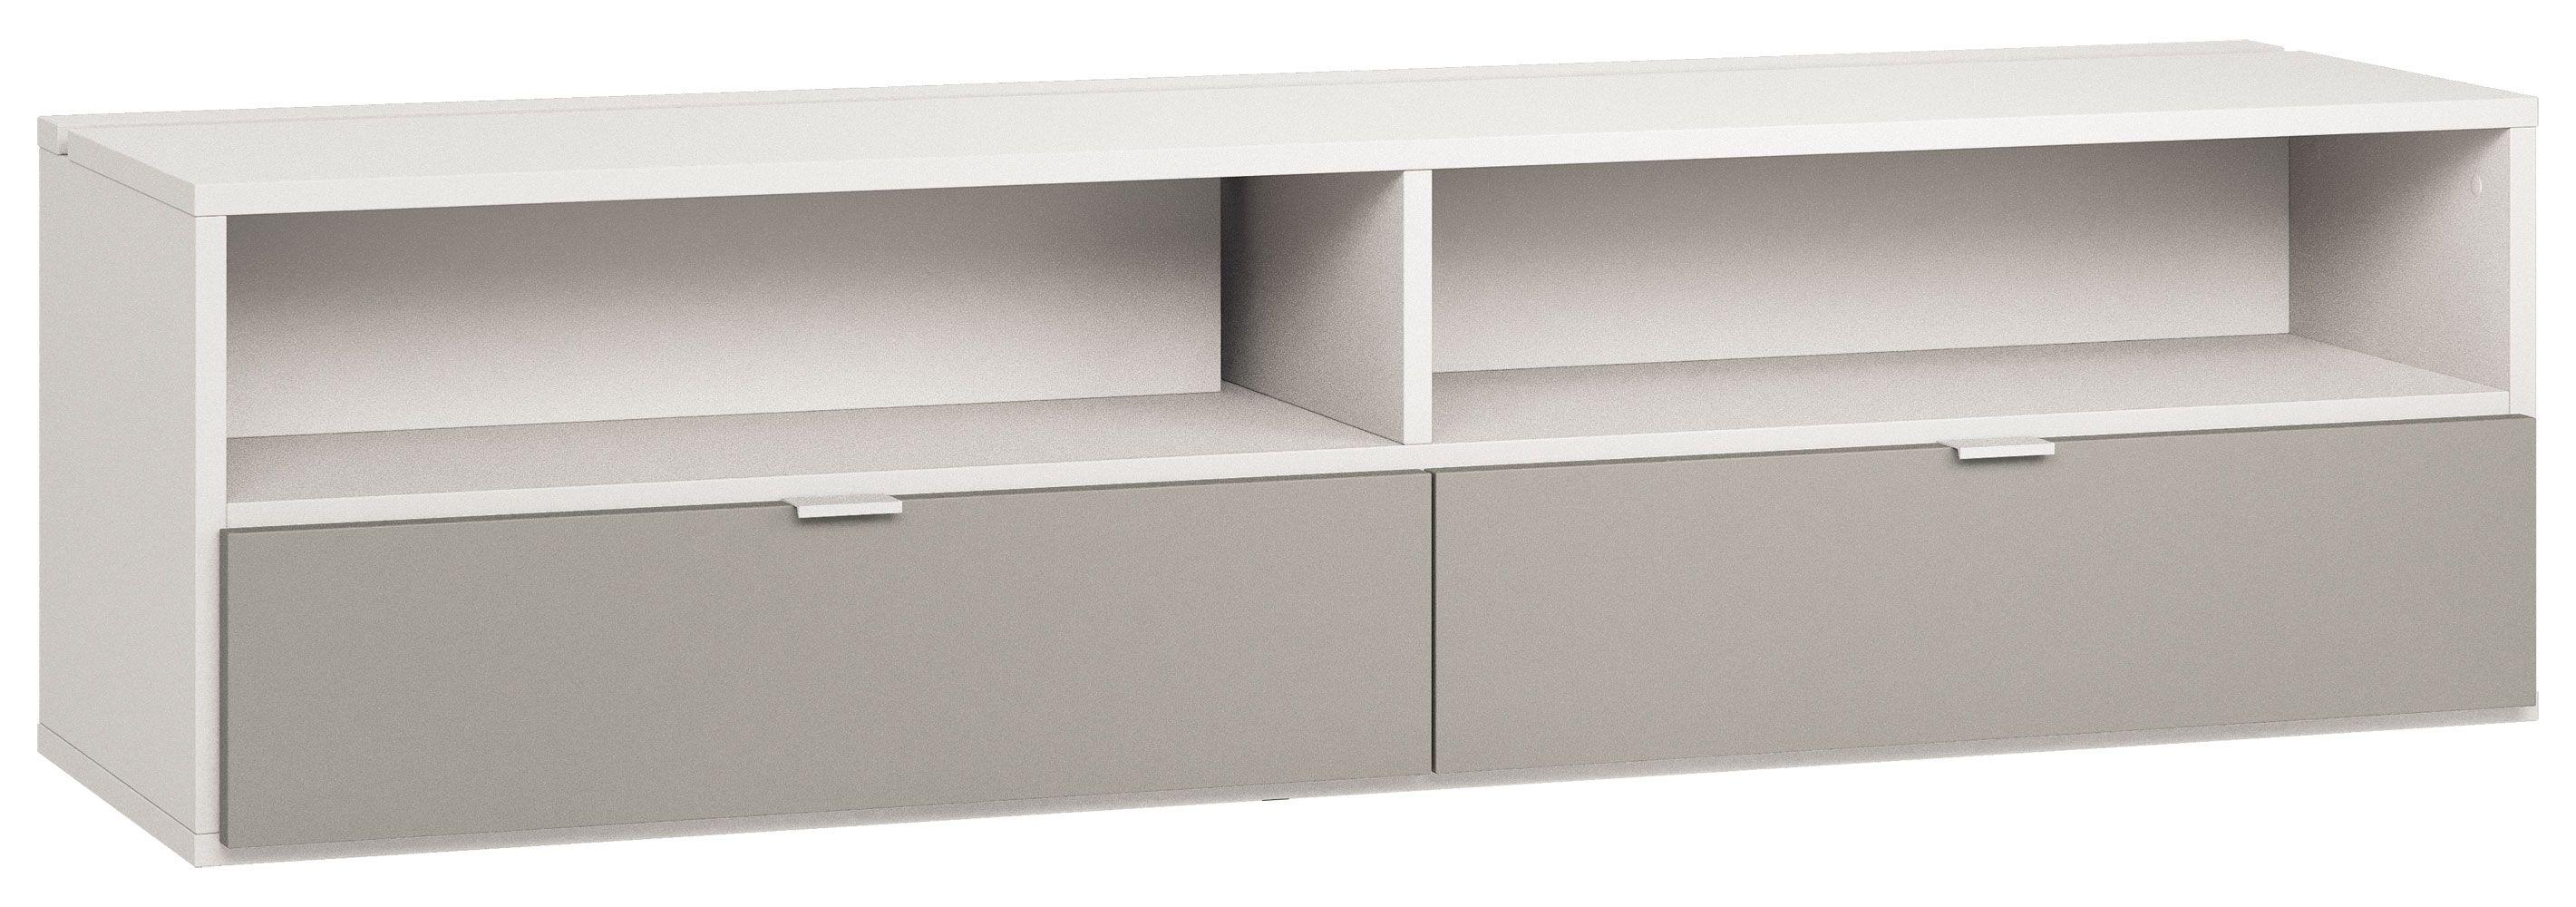 TV Unterschrank Bellaco 36, Farbe: Weiß Grau Abmessungen